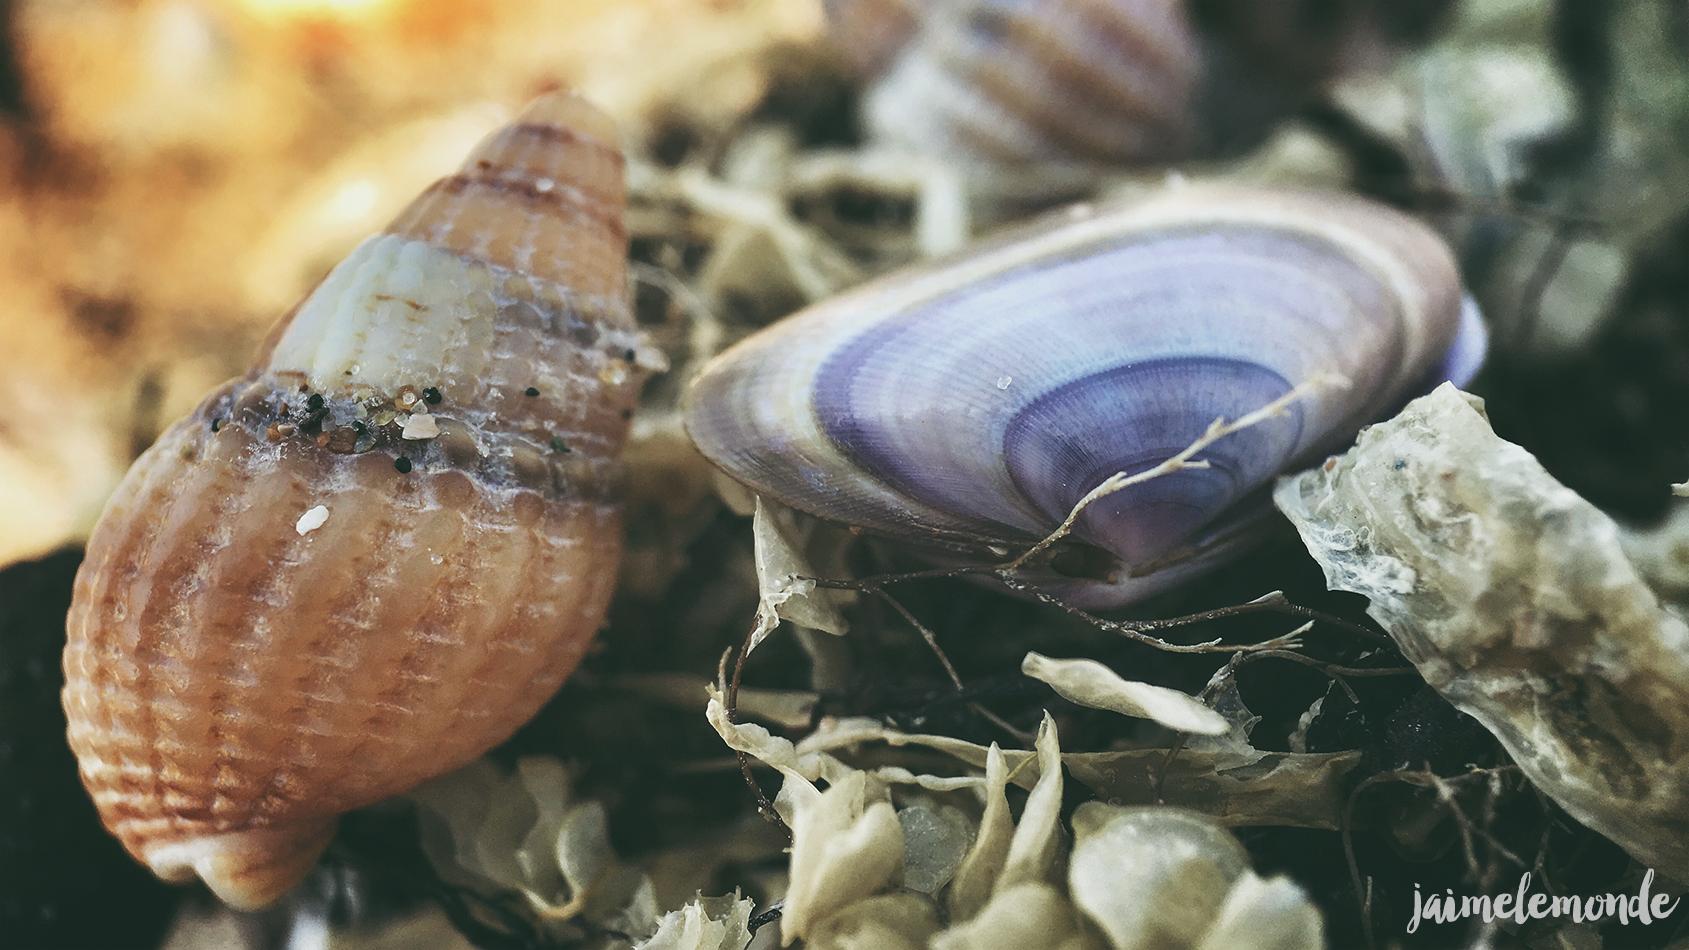 Pixter - Macro pro - Blonville sur mer - ©jaimelemonde (6)